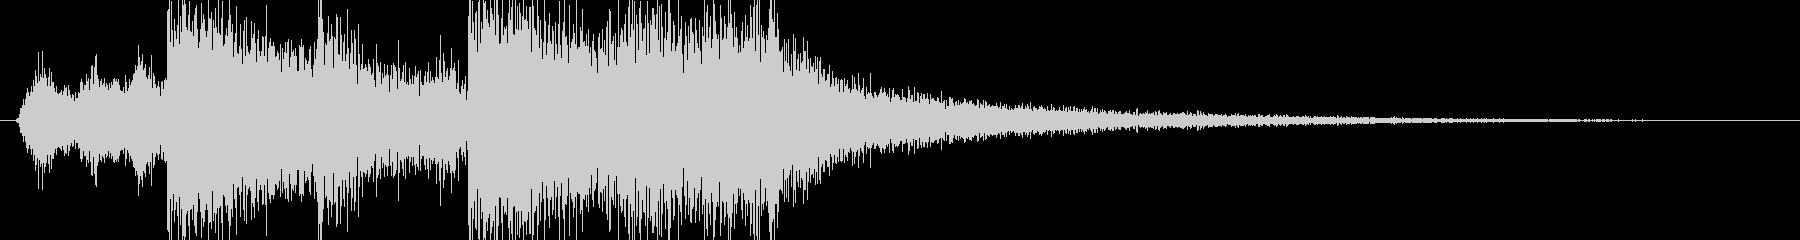 オーケストラオープニング曲の未再生の波形